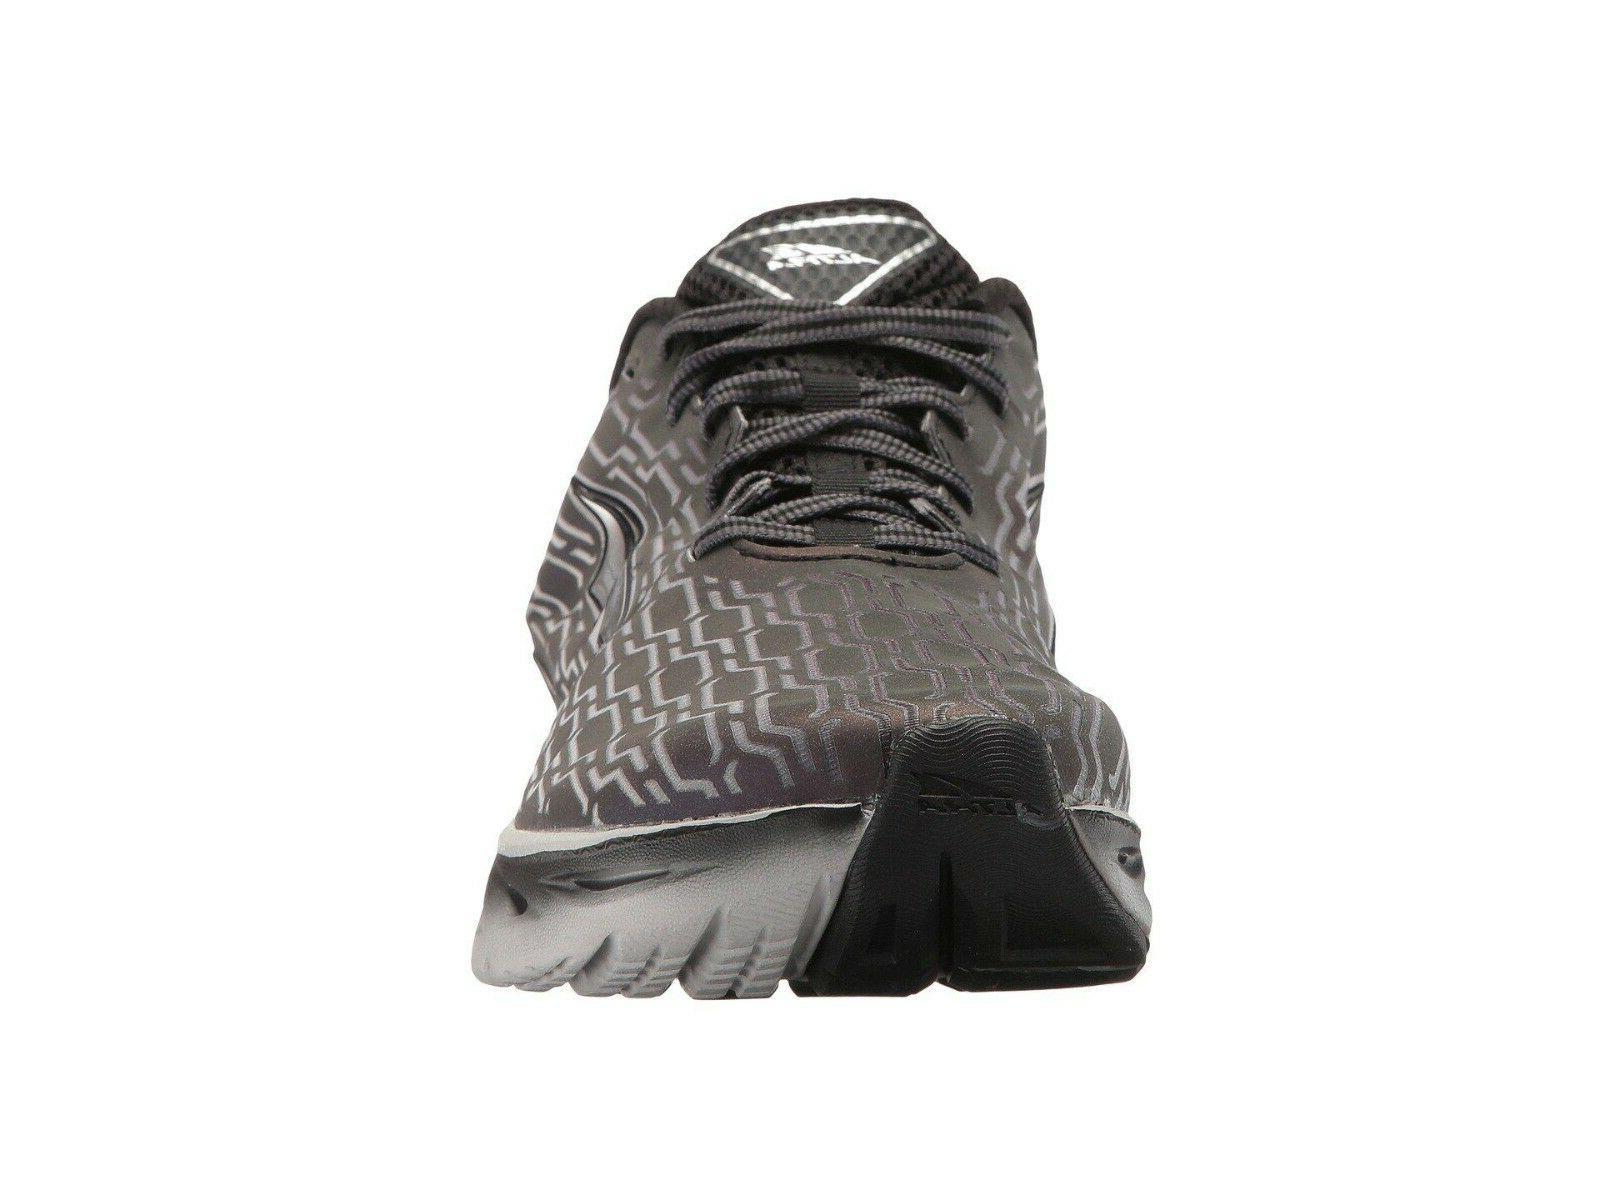 Shoes, Men's Sizes 11.5-12-12.5 D, NEW!